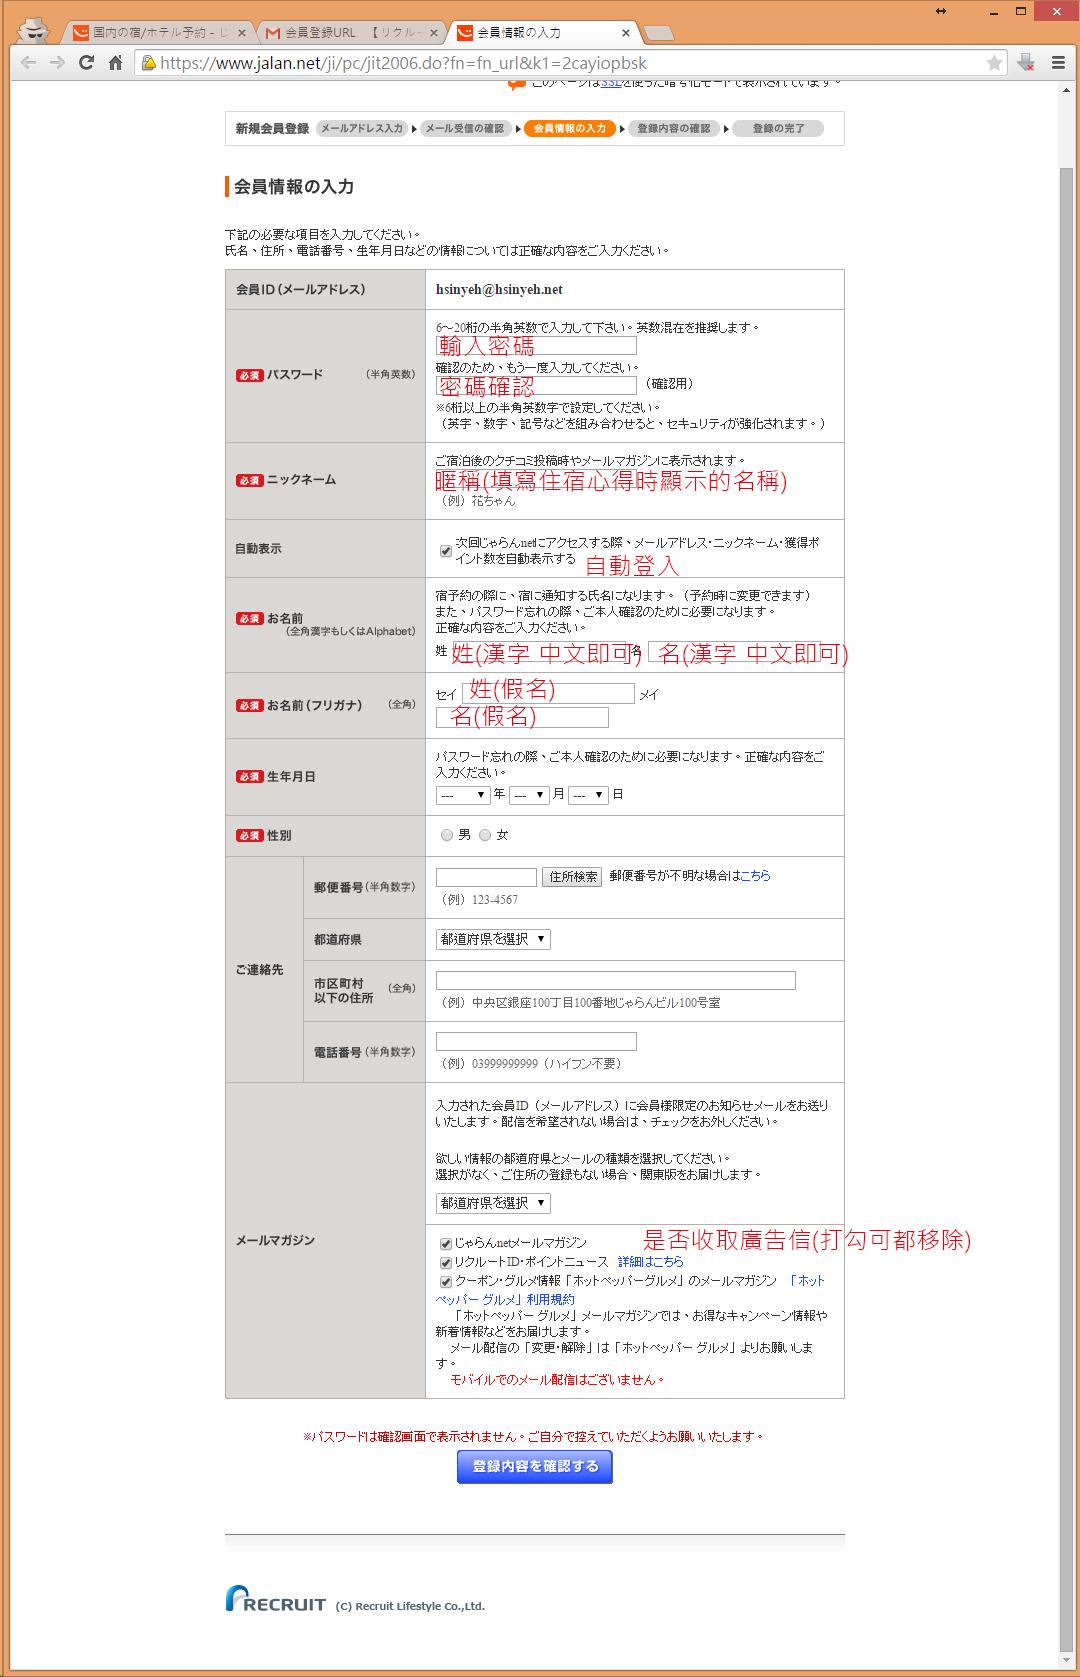 螢幕截圖 2015-05-19 14.01.46